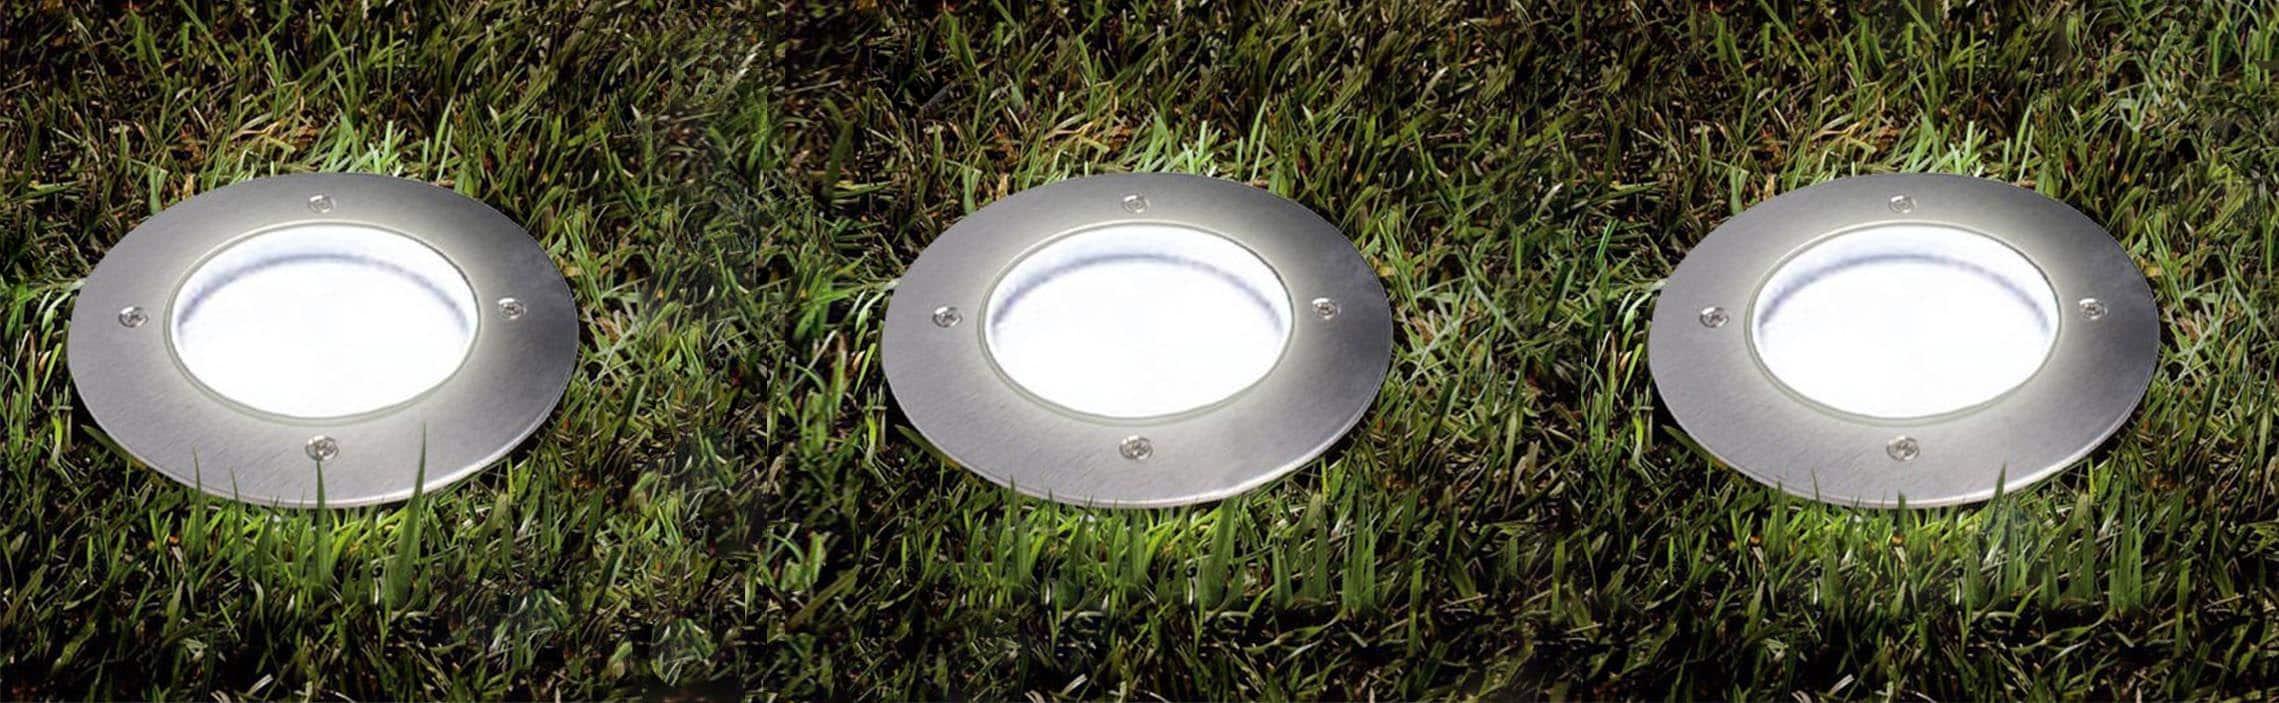 Solarna Lampa Najazdowa Solidna I Wytrzymała Lampa Na Podjazd Calidus